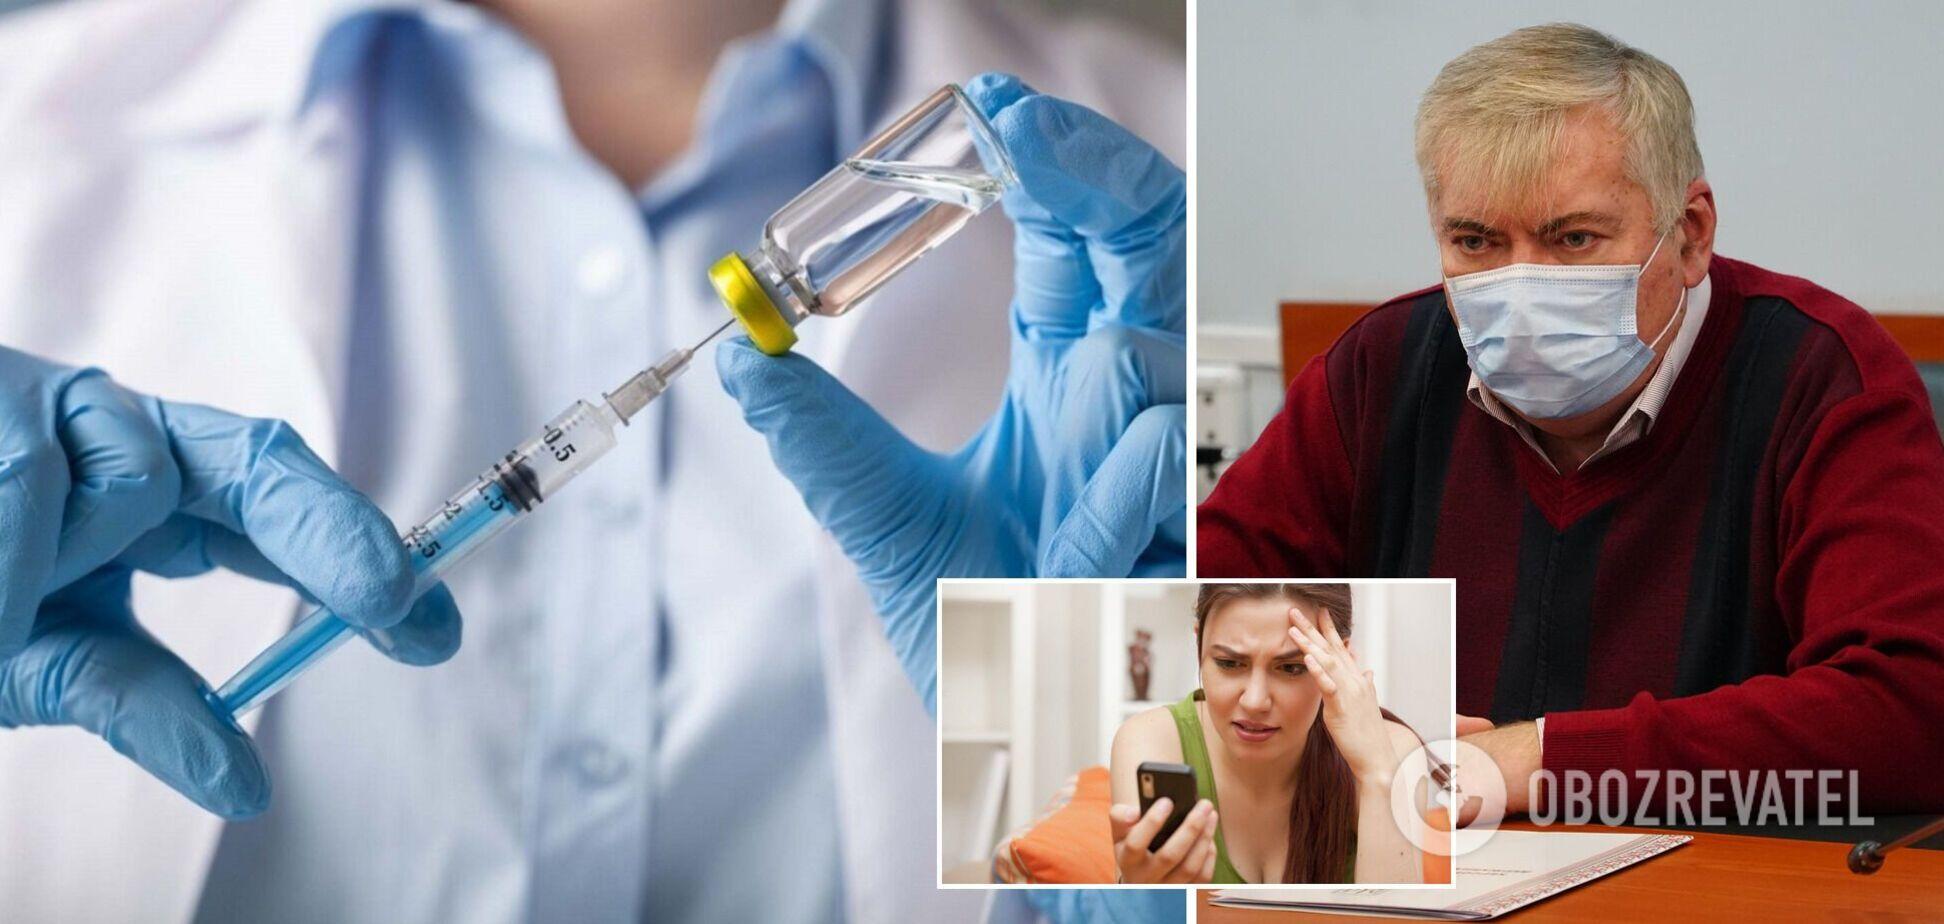 Попадете в реанимацию, а номера ваших любовниц окажутся у жен: в Херсоне 'креативно' призвали украинцев вакцинироваться